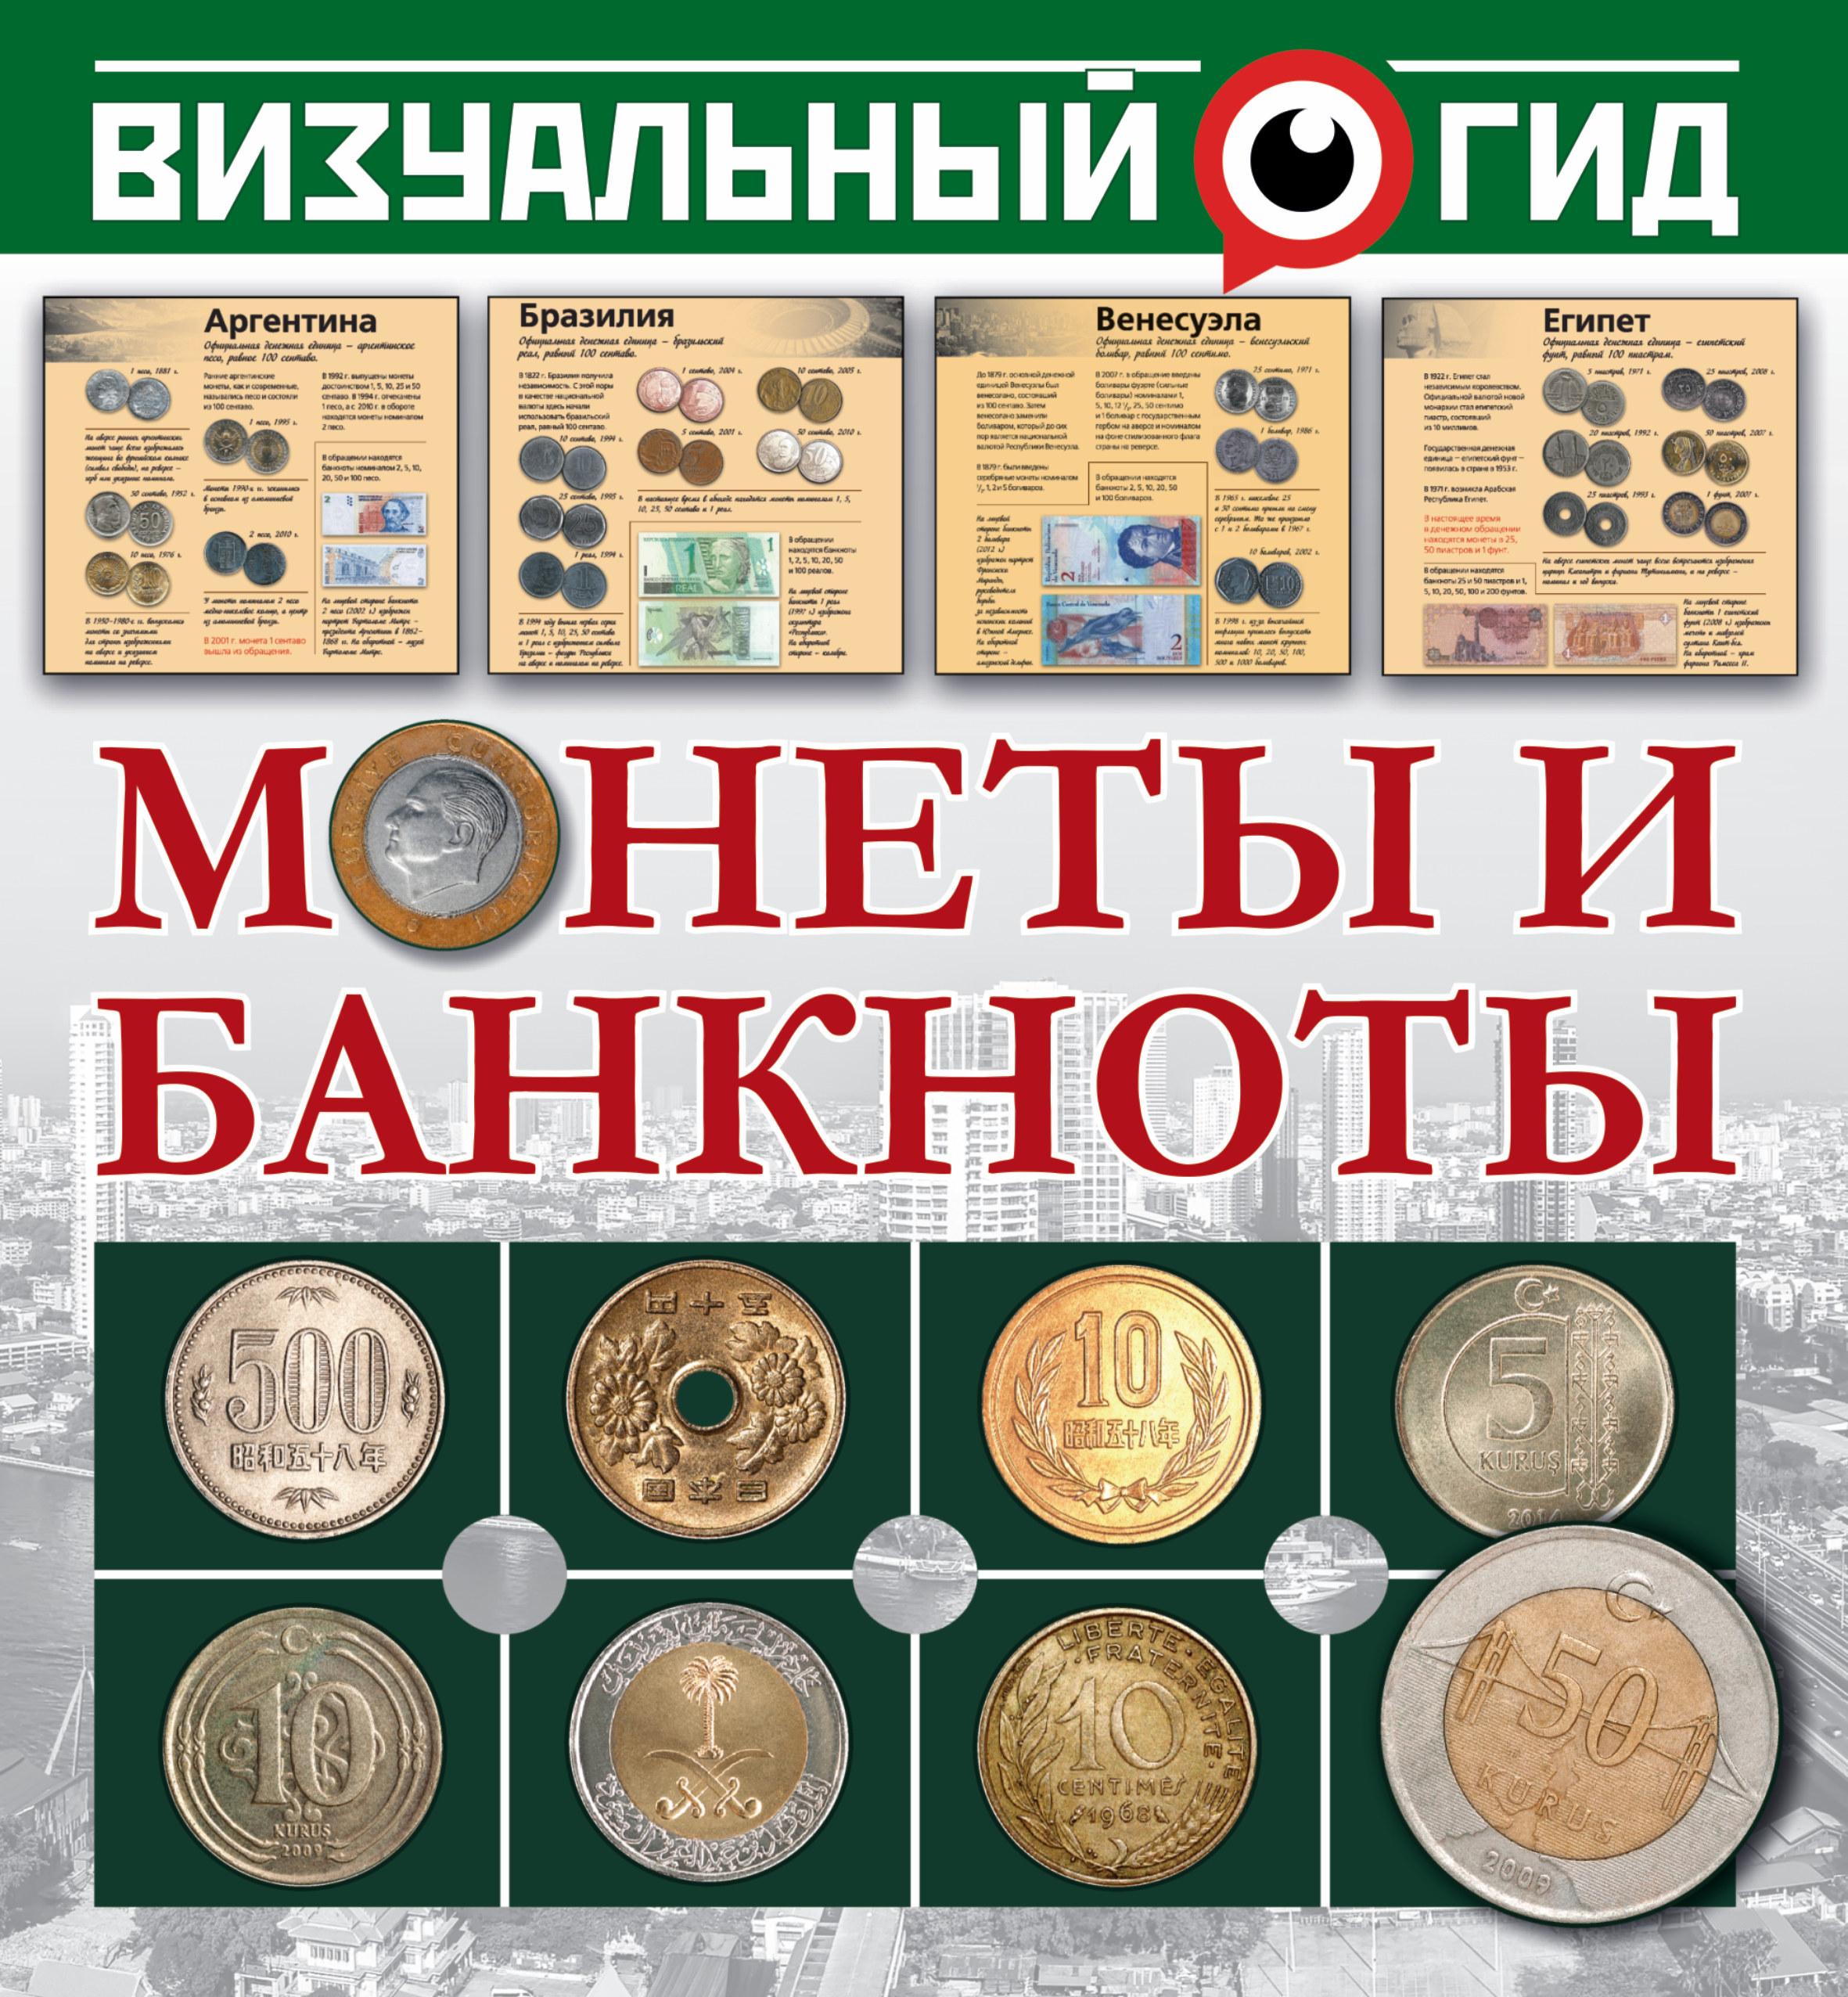 Д. В. Кошевар, Т. С. Шабан Монеты и банкноты 2 рублевые юбилейные монеты д с дохтуров